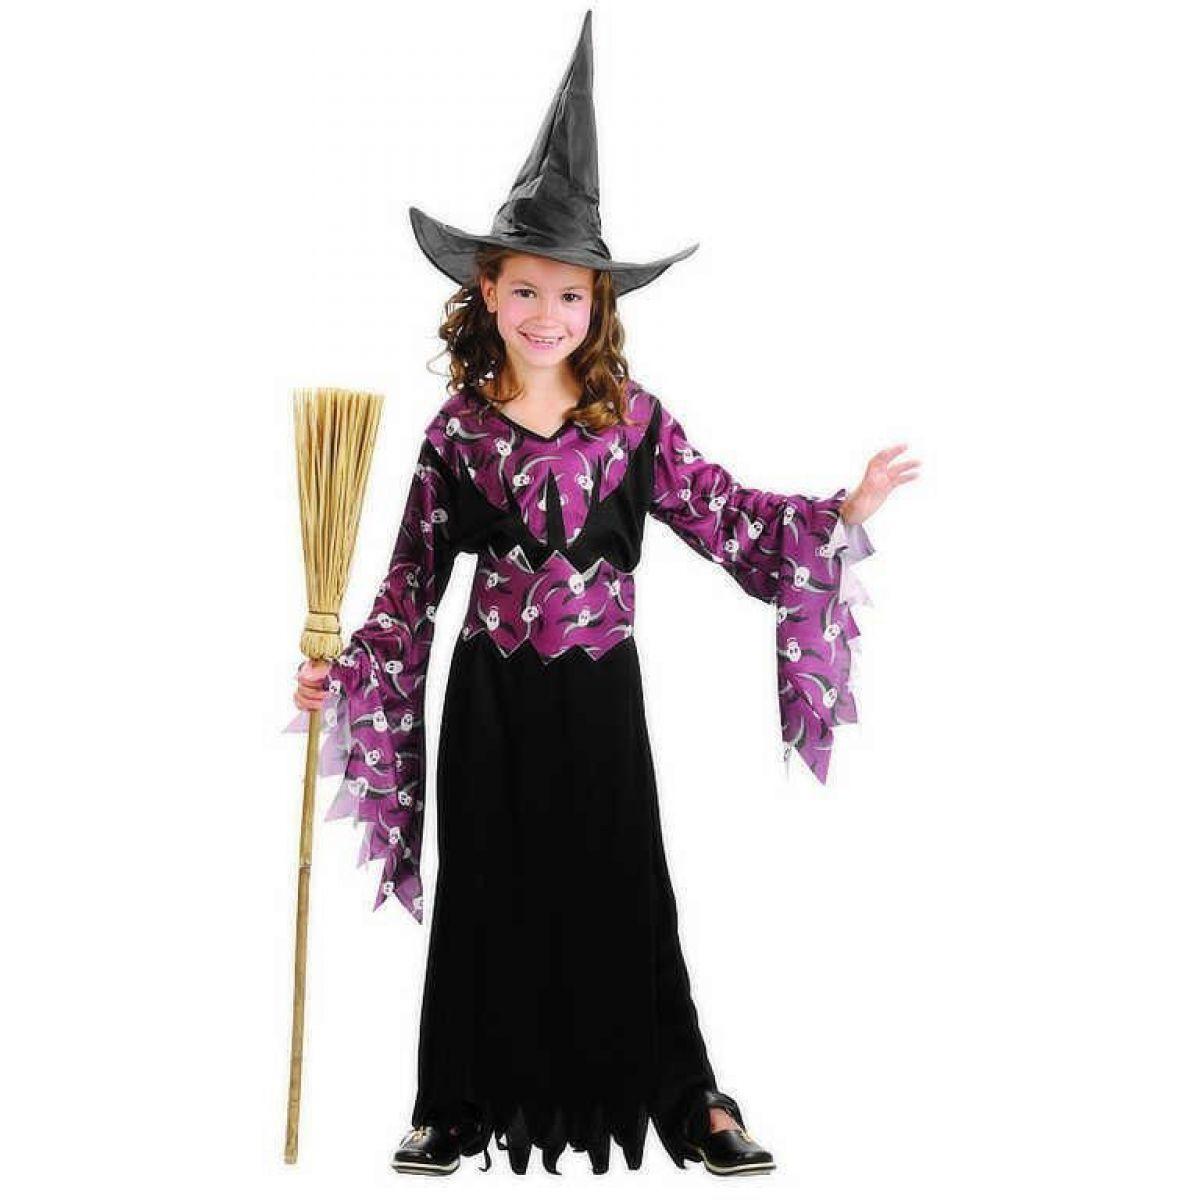 49c1752d6 Made Dětský kostým Gotická čarodějnice 130-140 cm | Maxíkovy hračky